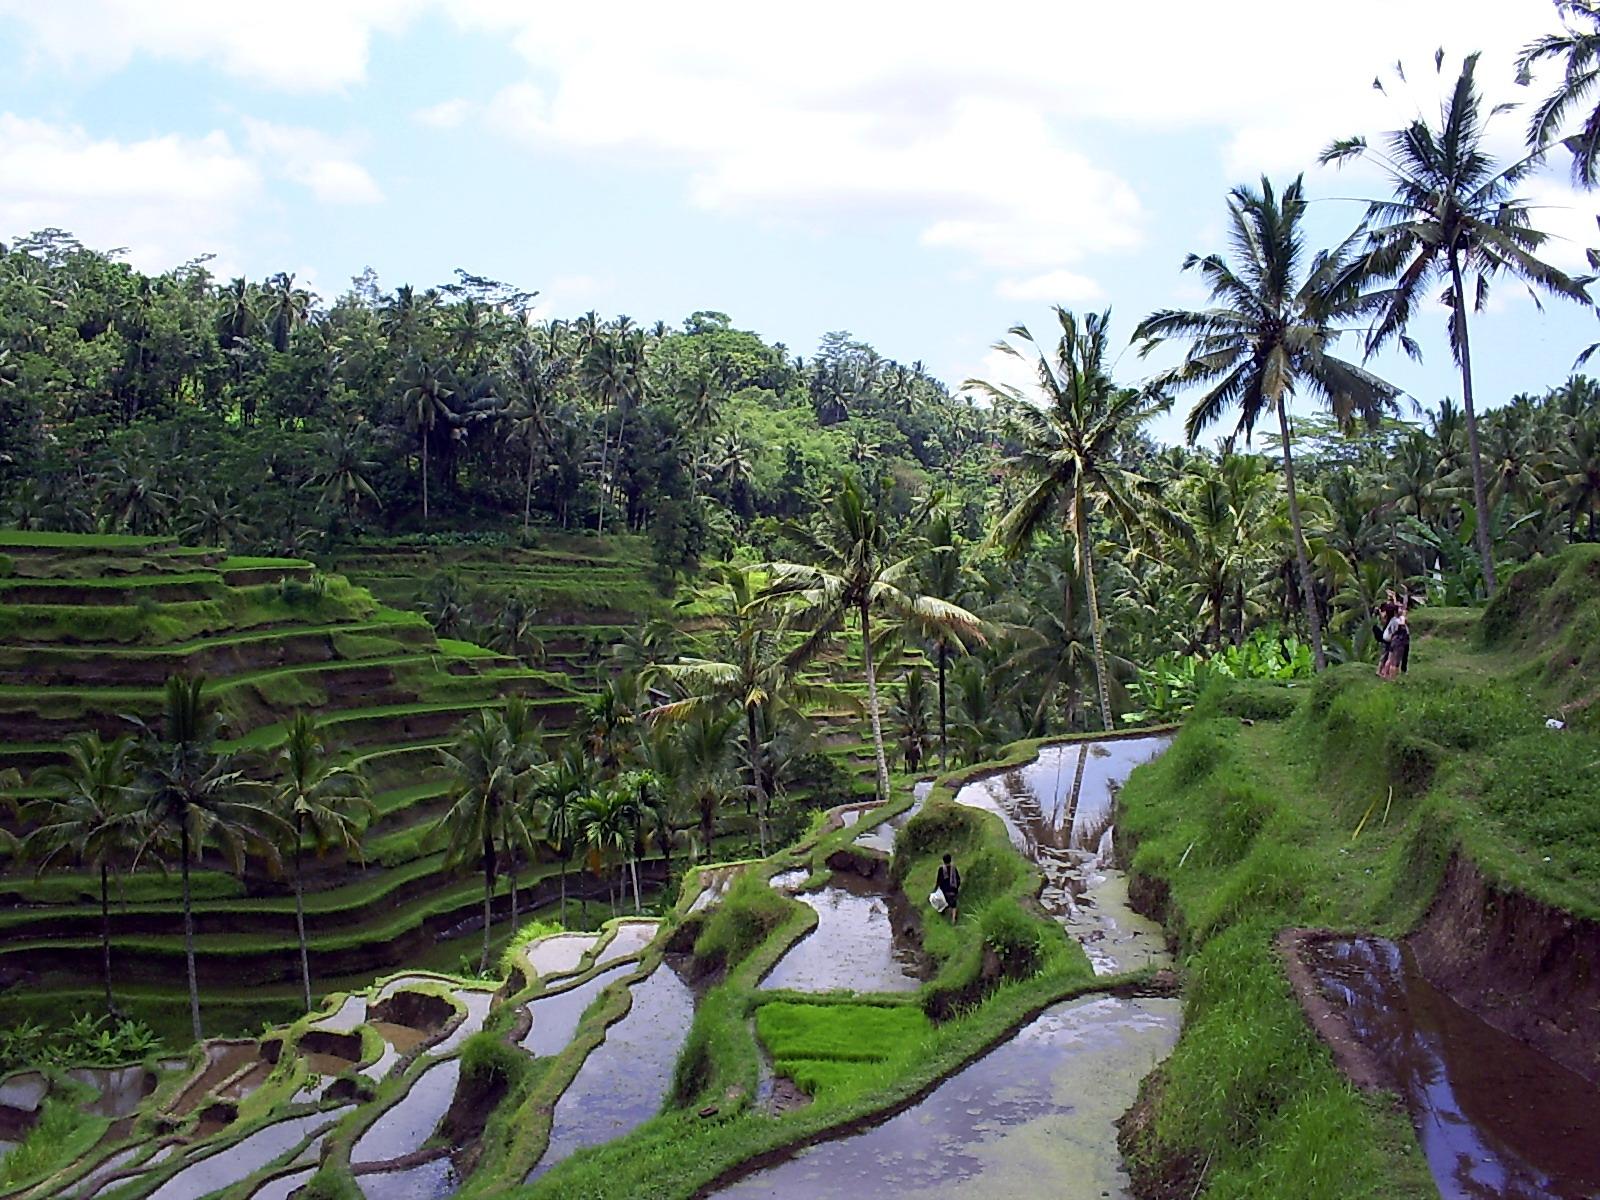 Kunjungi 10 tempat romantis di indonesia